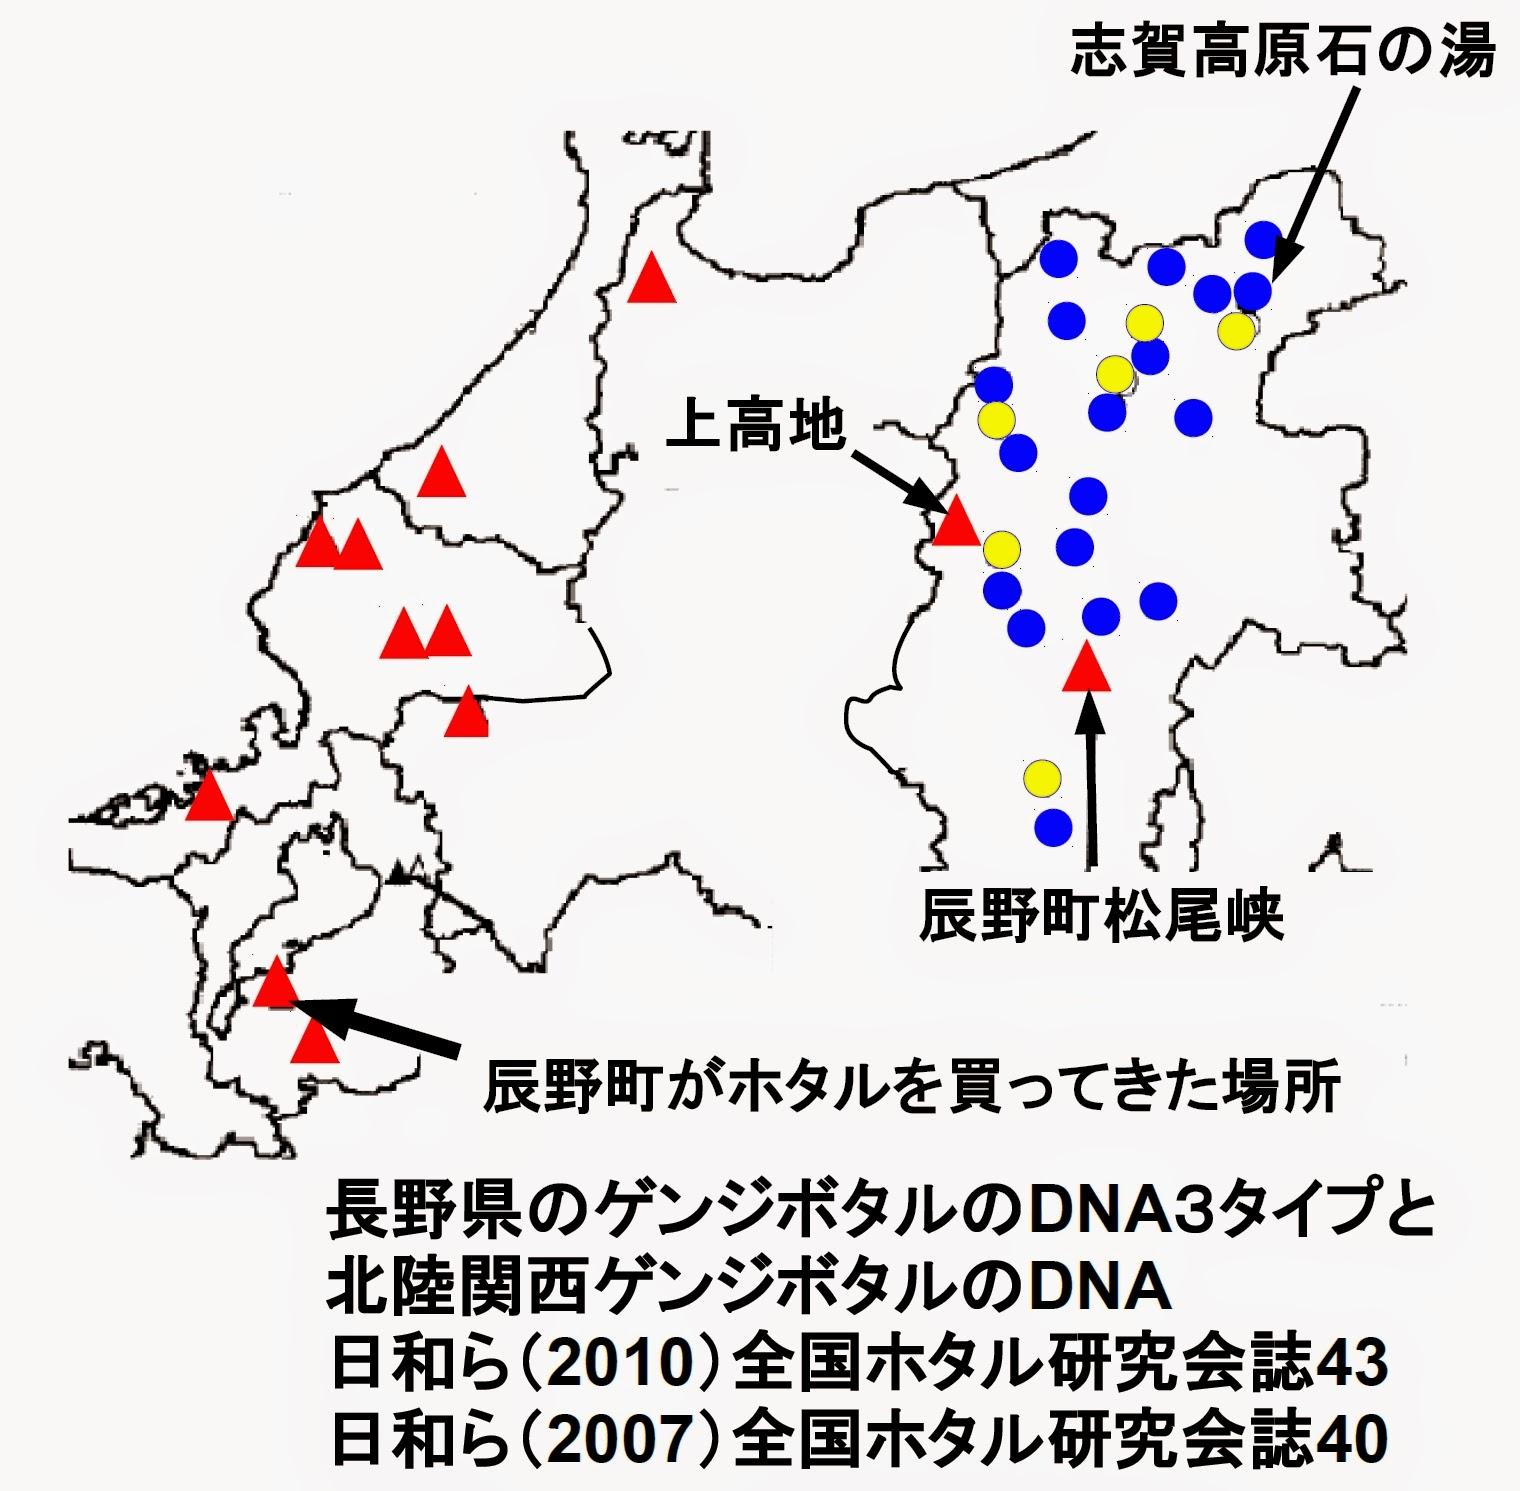 北陸関西と長野県のゲンジボタルのDNA3タイプ